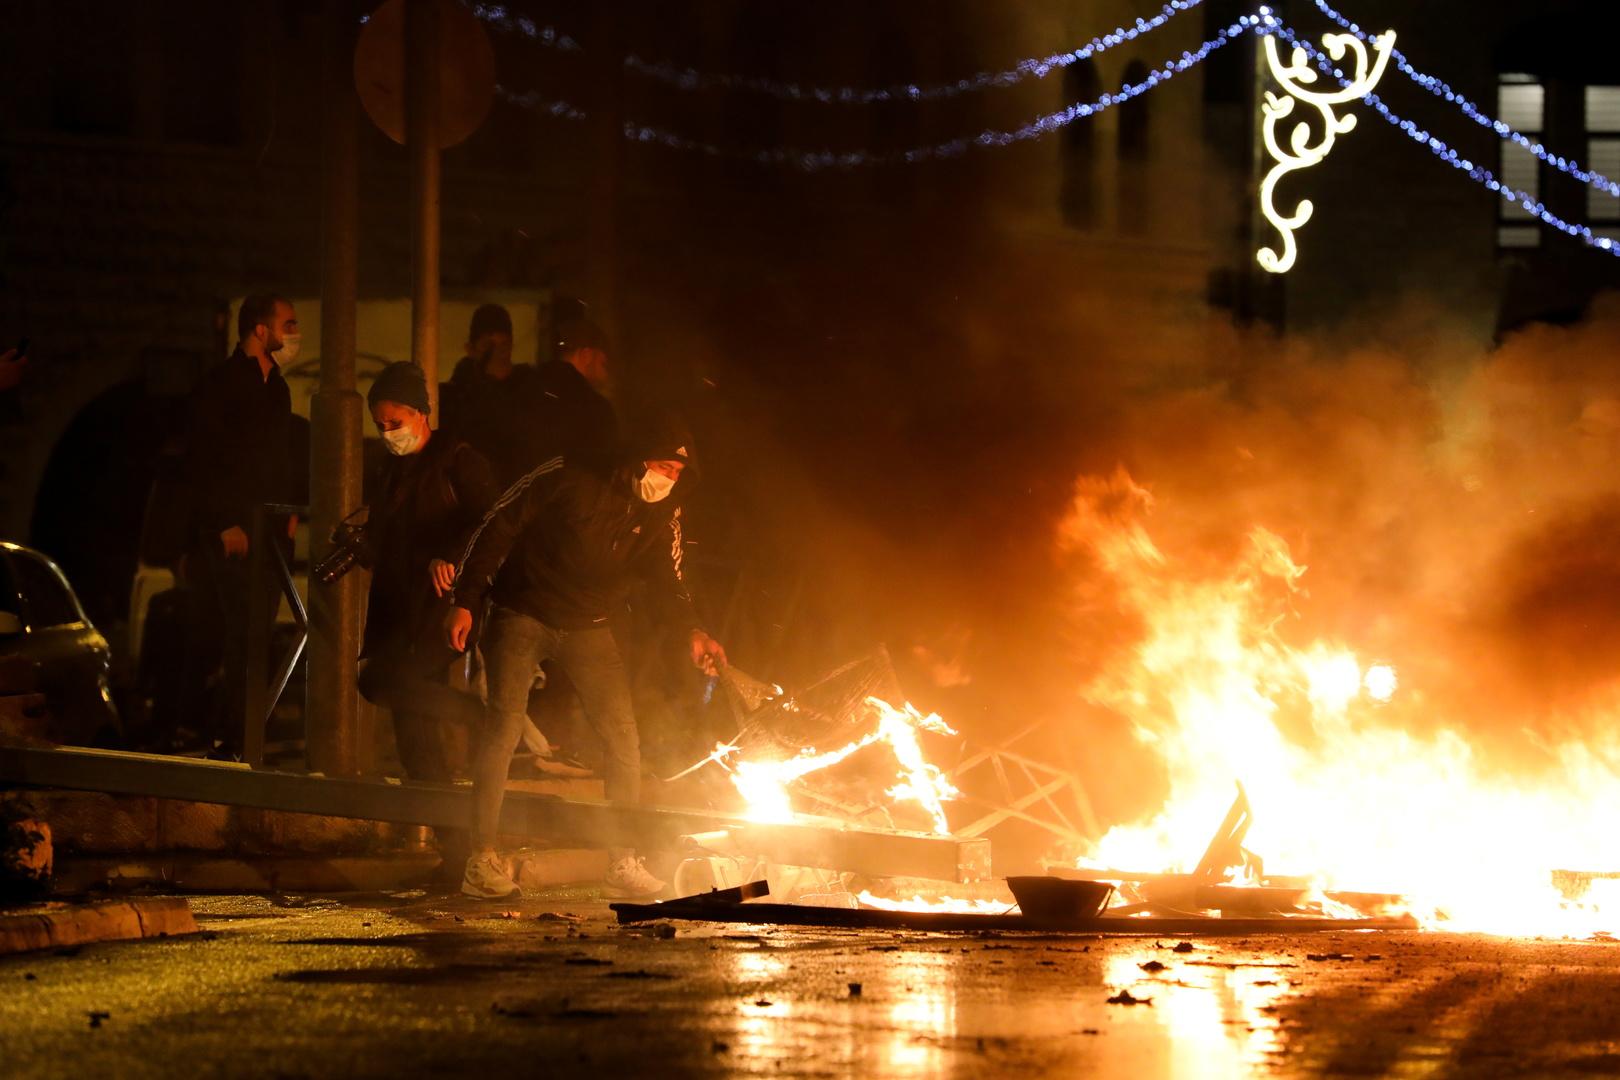 Jérusalem : plus de 120 blessés dans des heurts entre Palestiniens et policiers israéliens